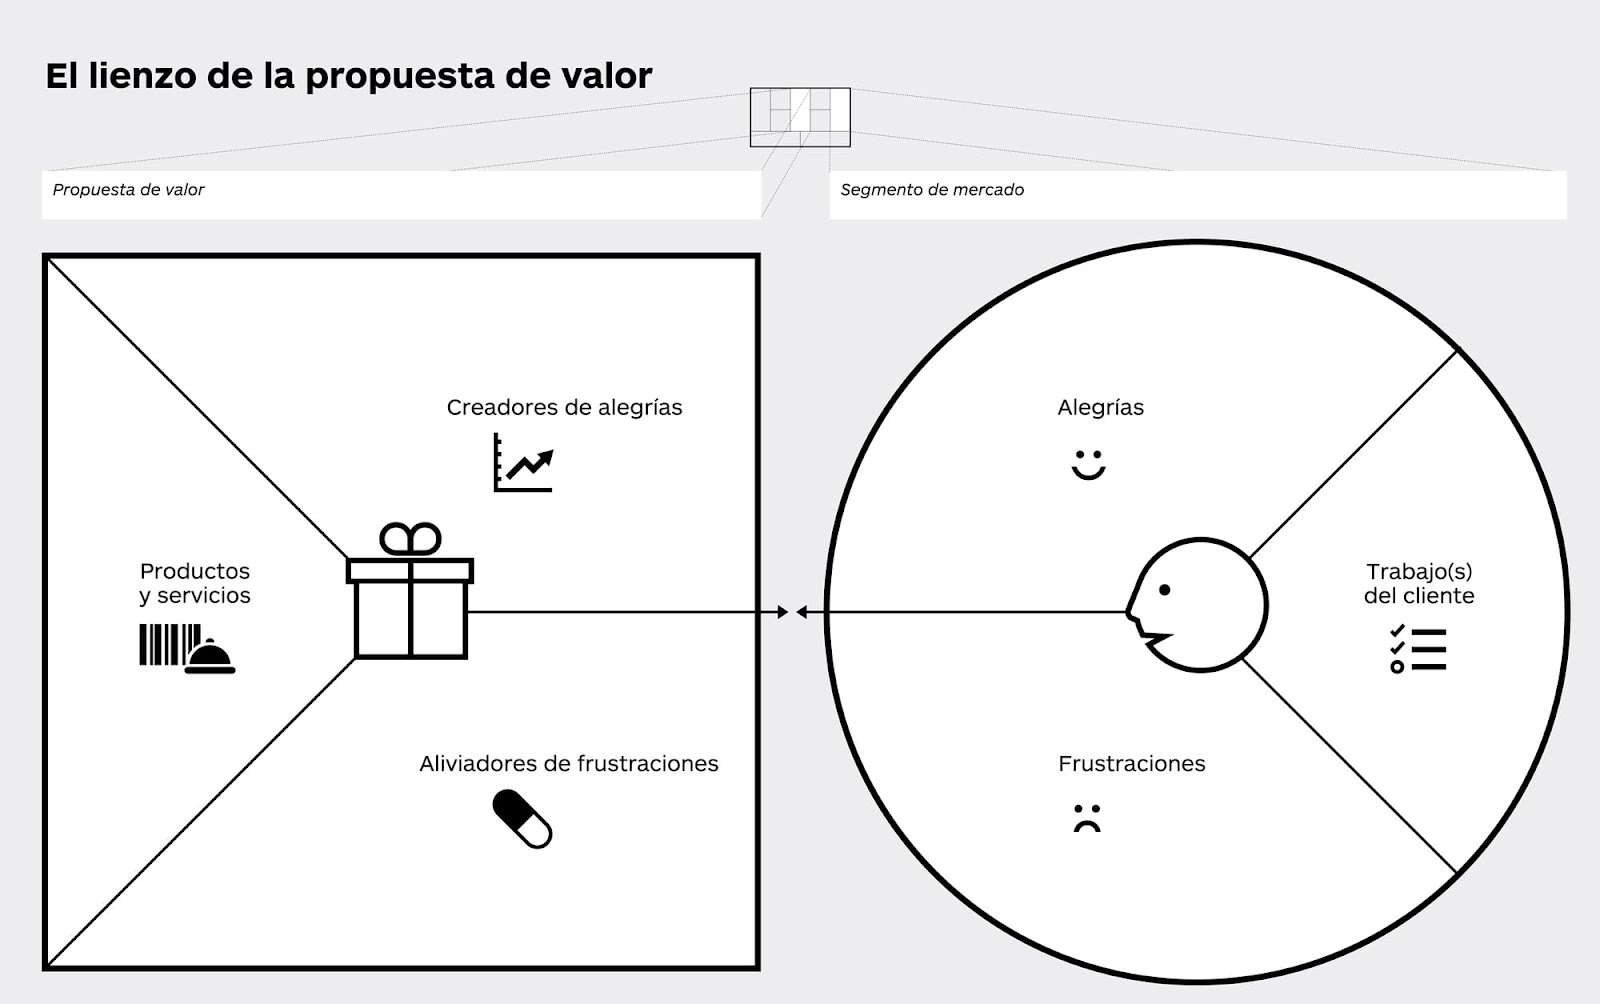 lienzo-propuesta-valor